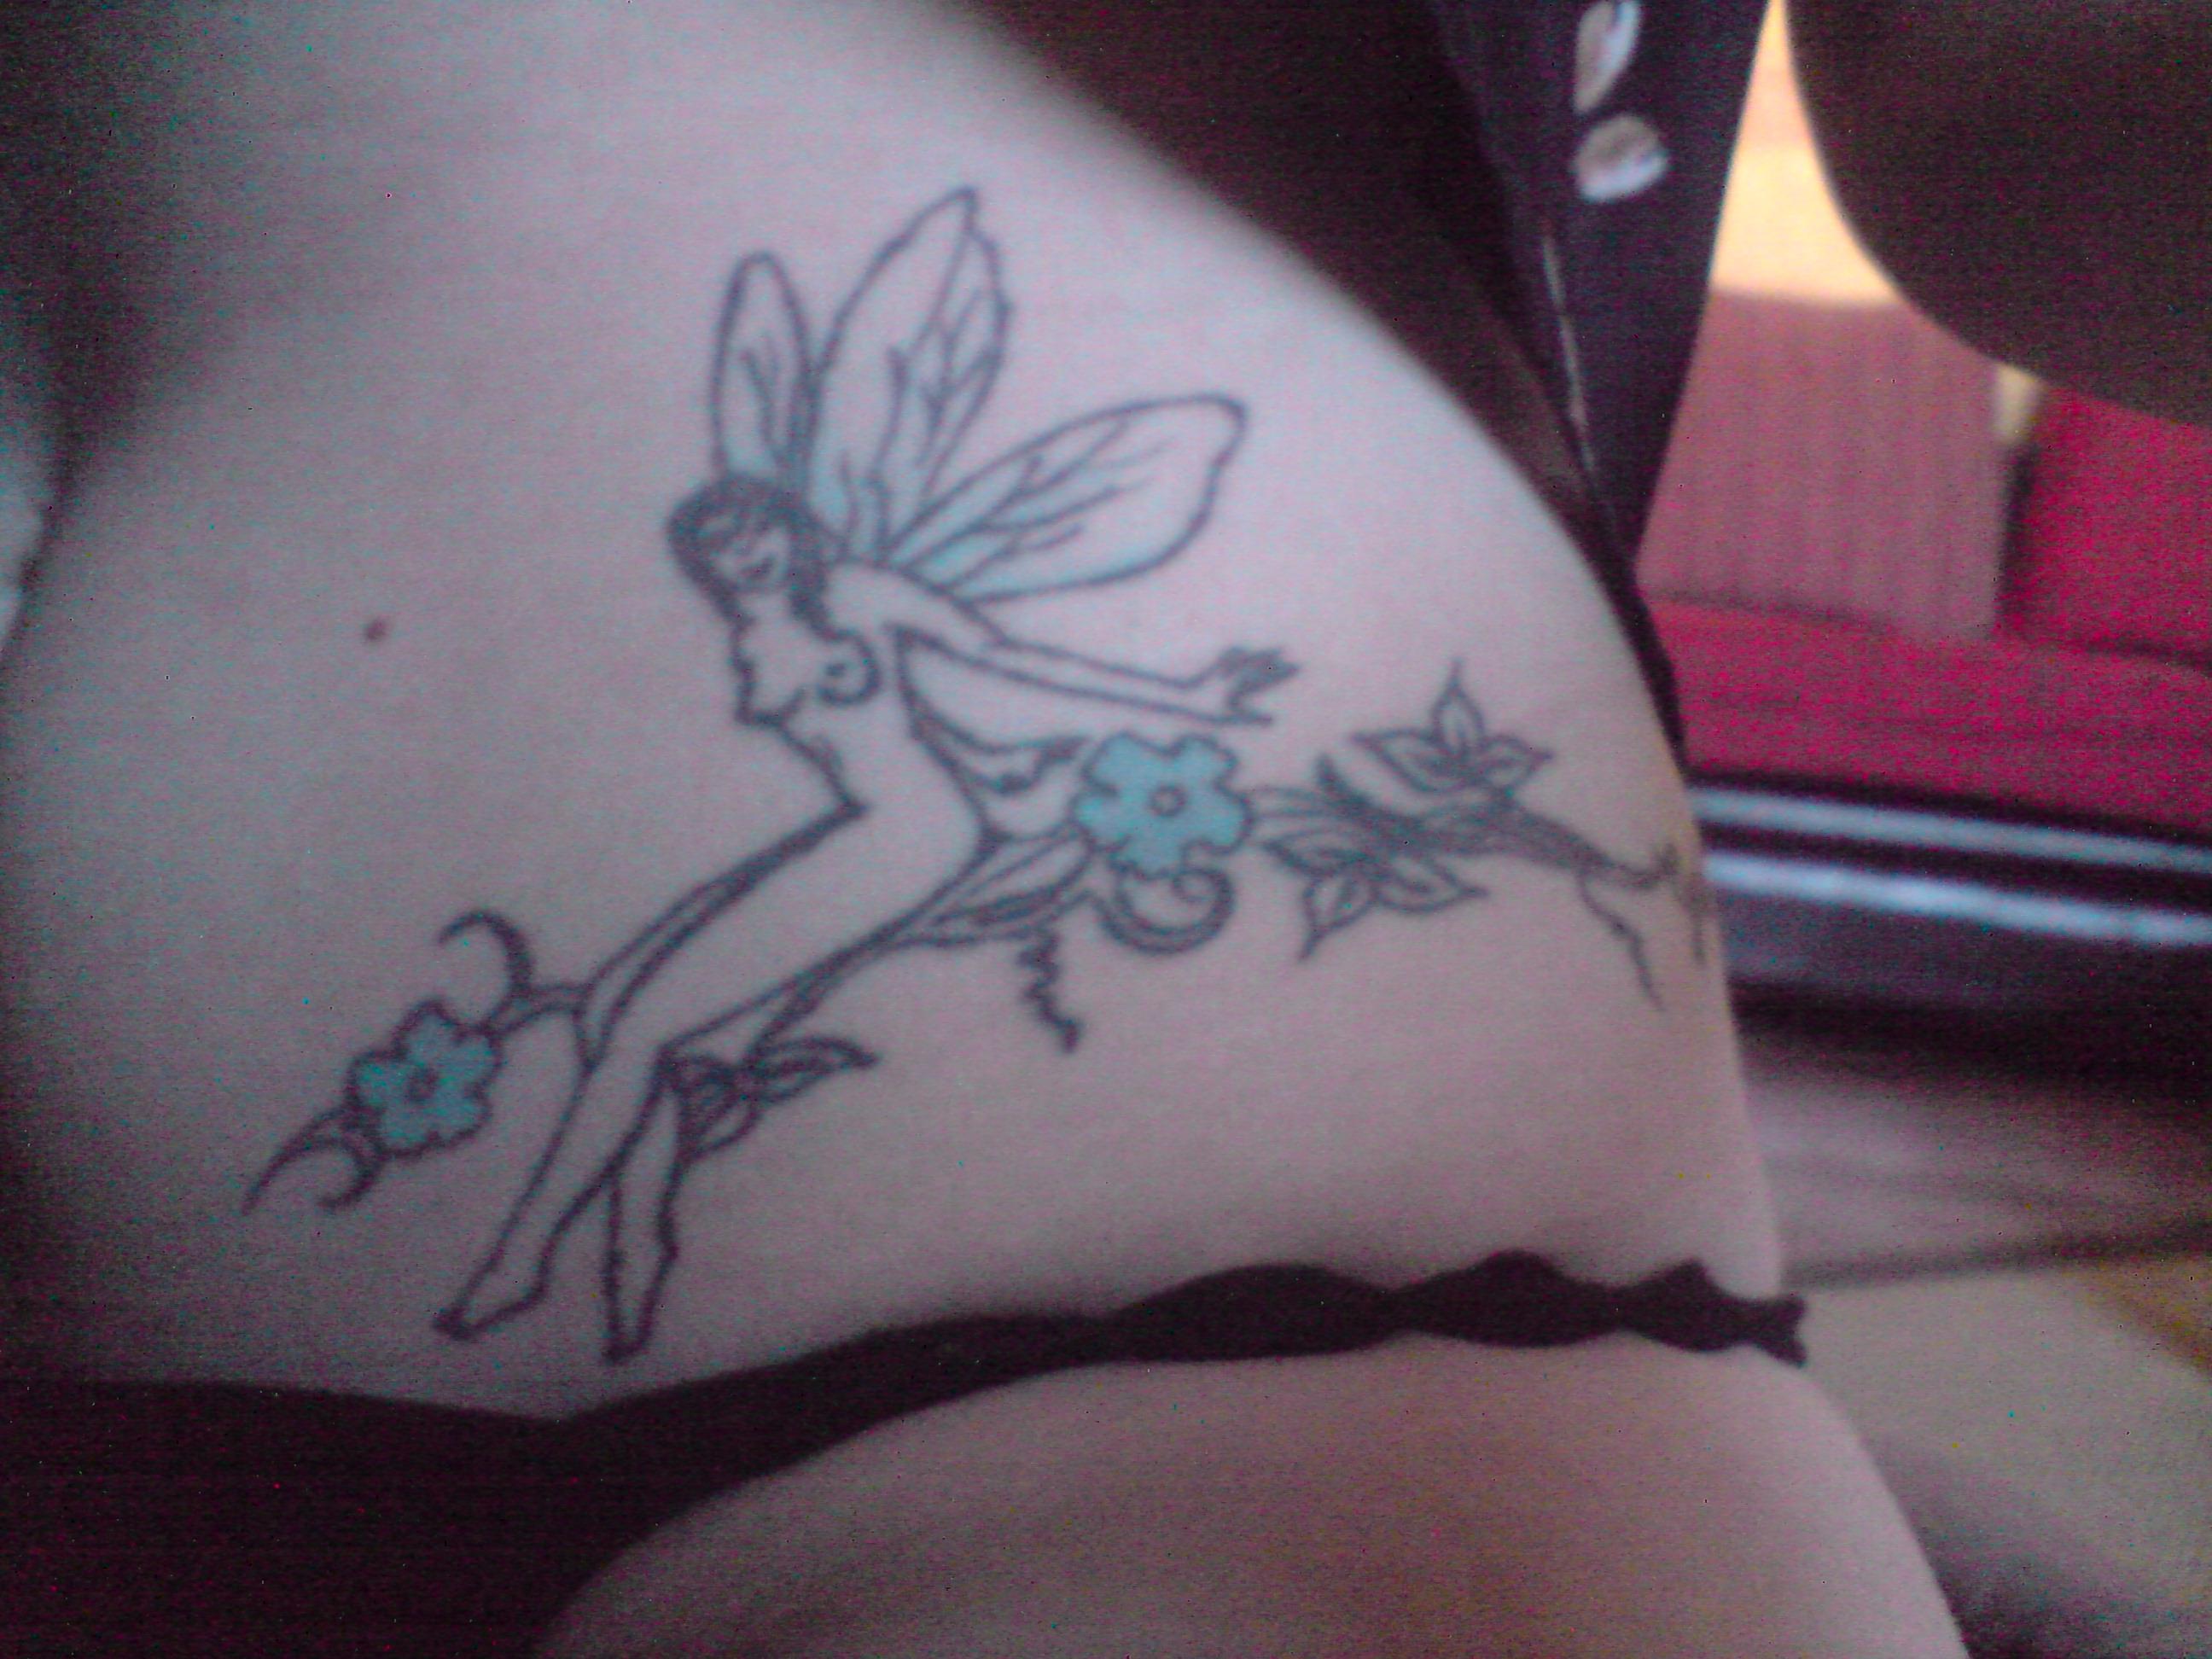 c'est quoi votre tatouage a vous - Page 2 654153P080508_11.44